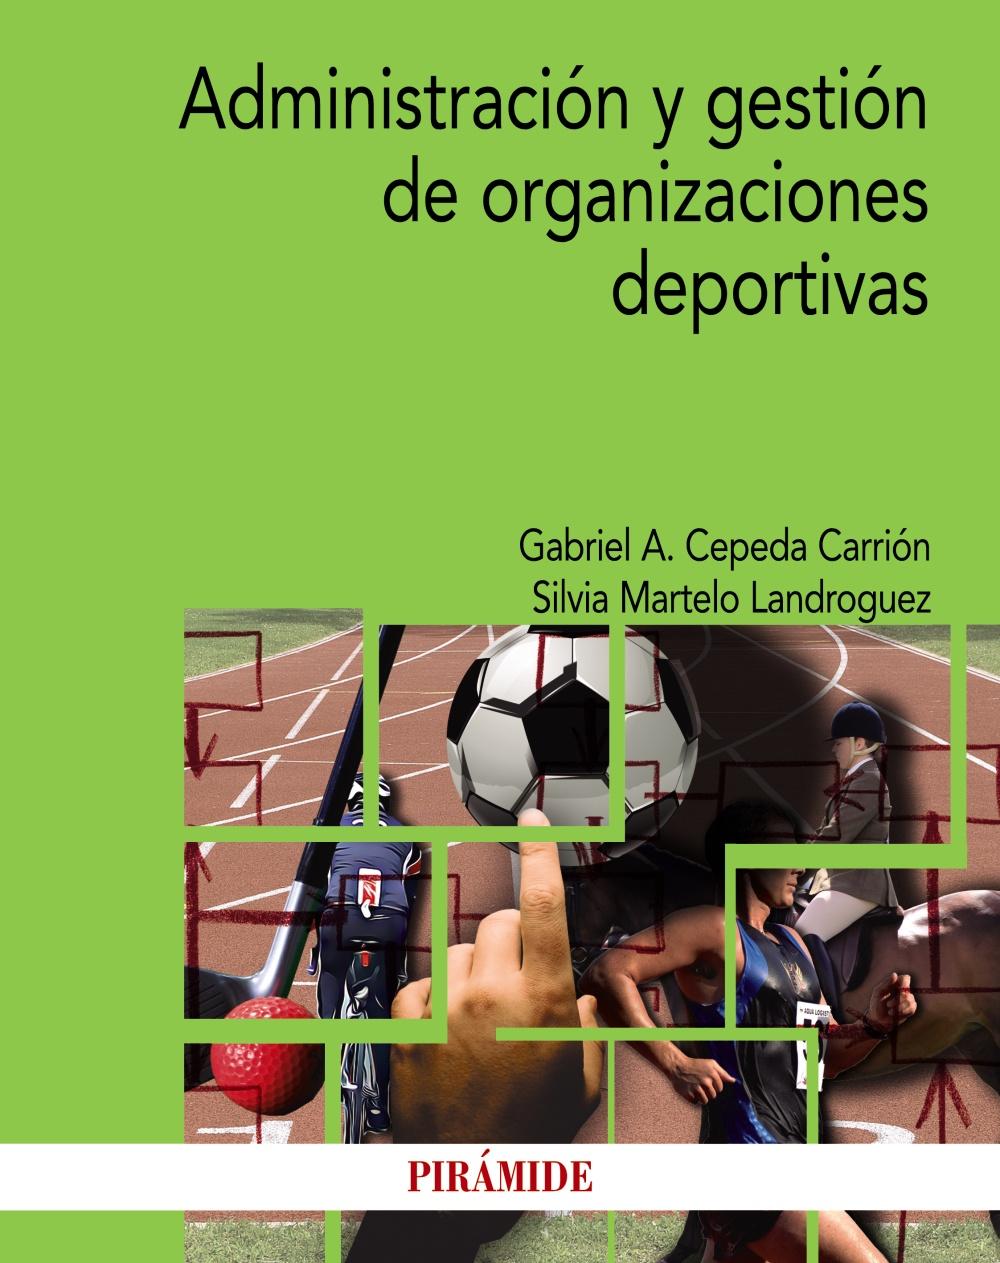 Administración Y Gestión De Organizaciones Deportivas por Gabriel A. Cepeda Carrion;                                                                                    Silvia Martelo Landroguez